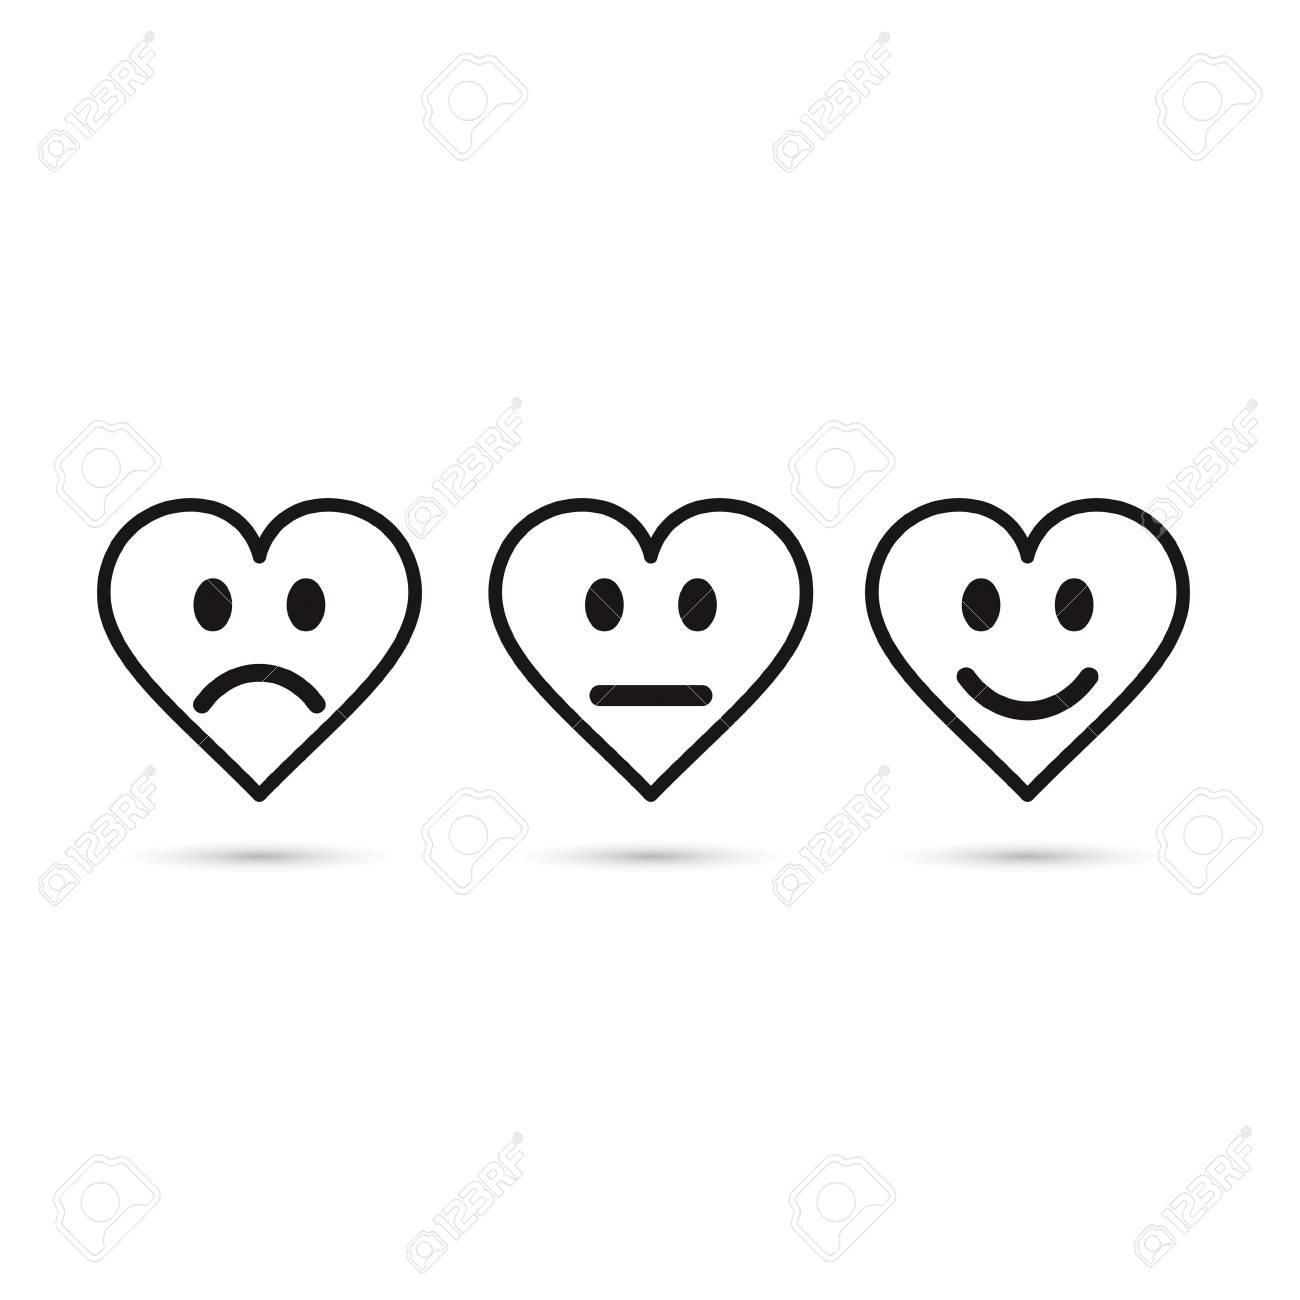 Heart Emoticon Evaluation Line Icon Feedback Symbol Heart With